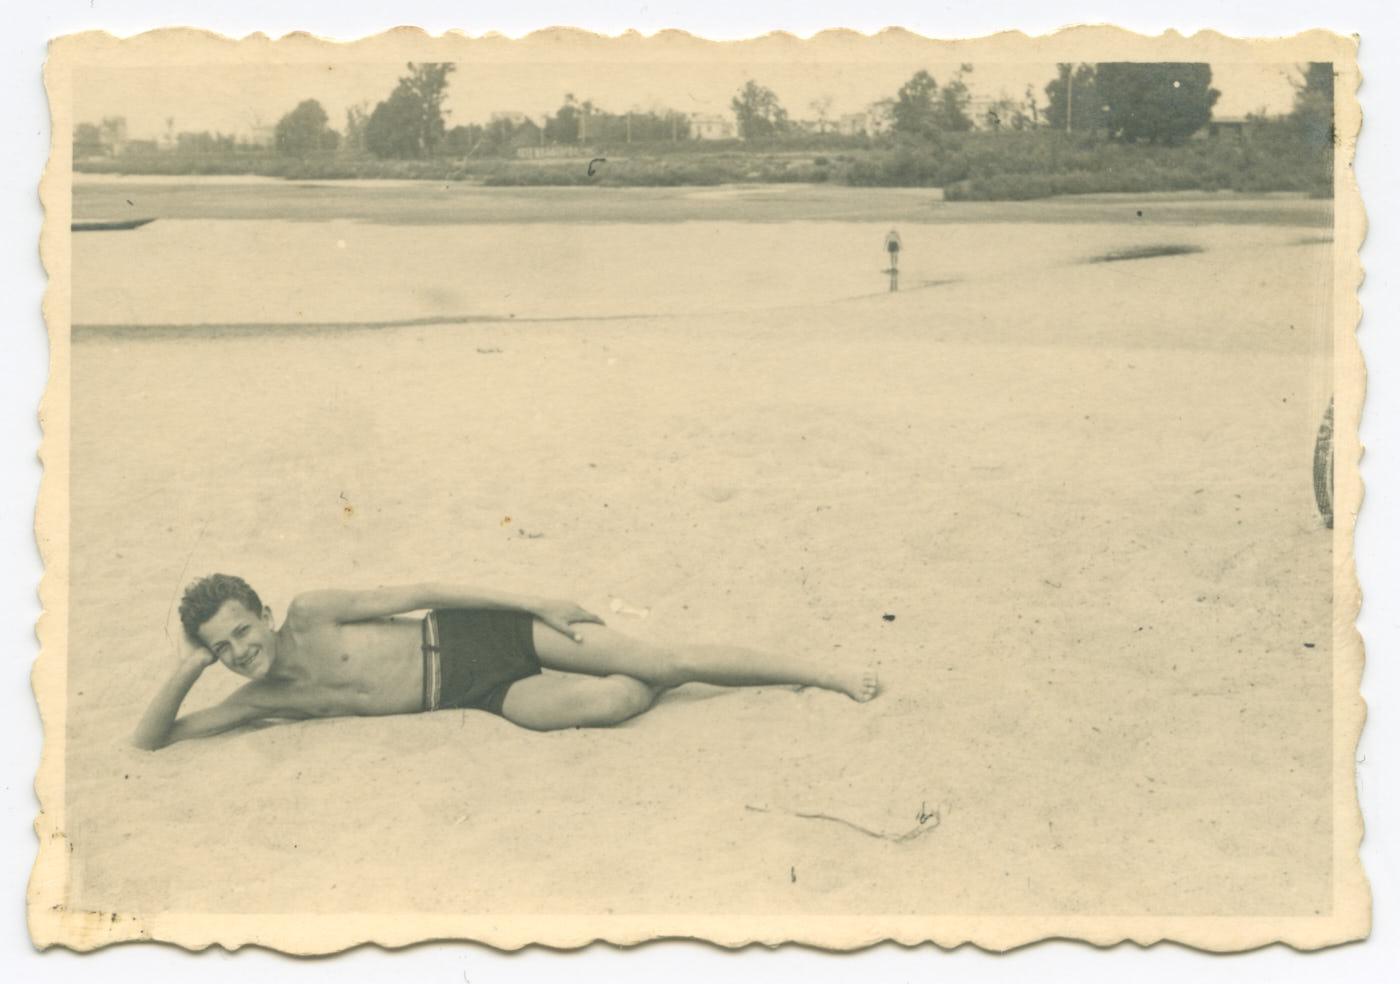 Fotografia. Nadbrzegiem Wisły, napiaszczystej plaży młody chłopak leży naprawym boku. Podpiera głowę naręce, uśmiecha się. Ubrany tylkowciemne krótkie spodenki. Wtle niewysokie drzewa ikrzewy.